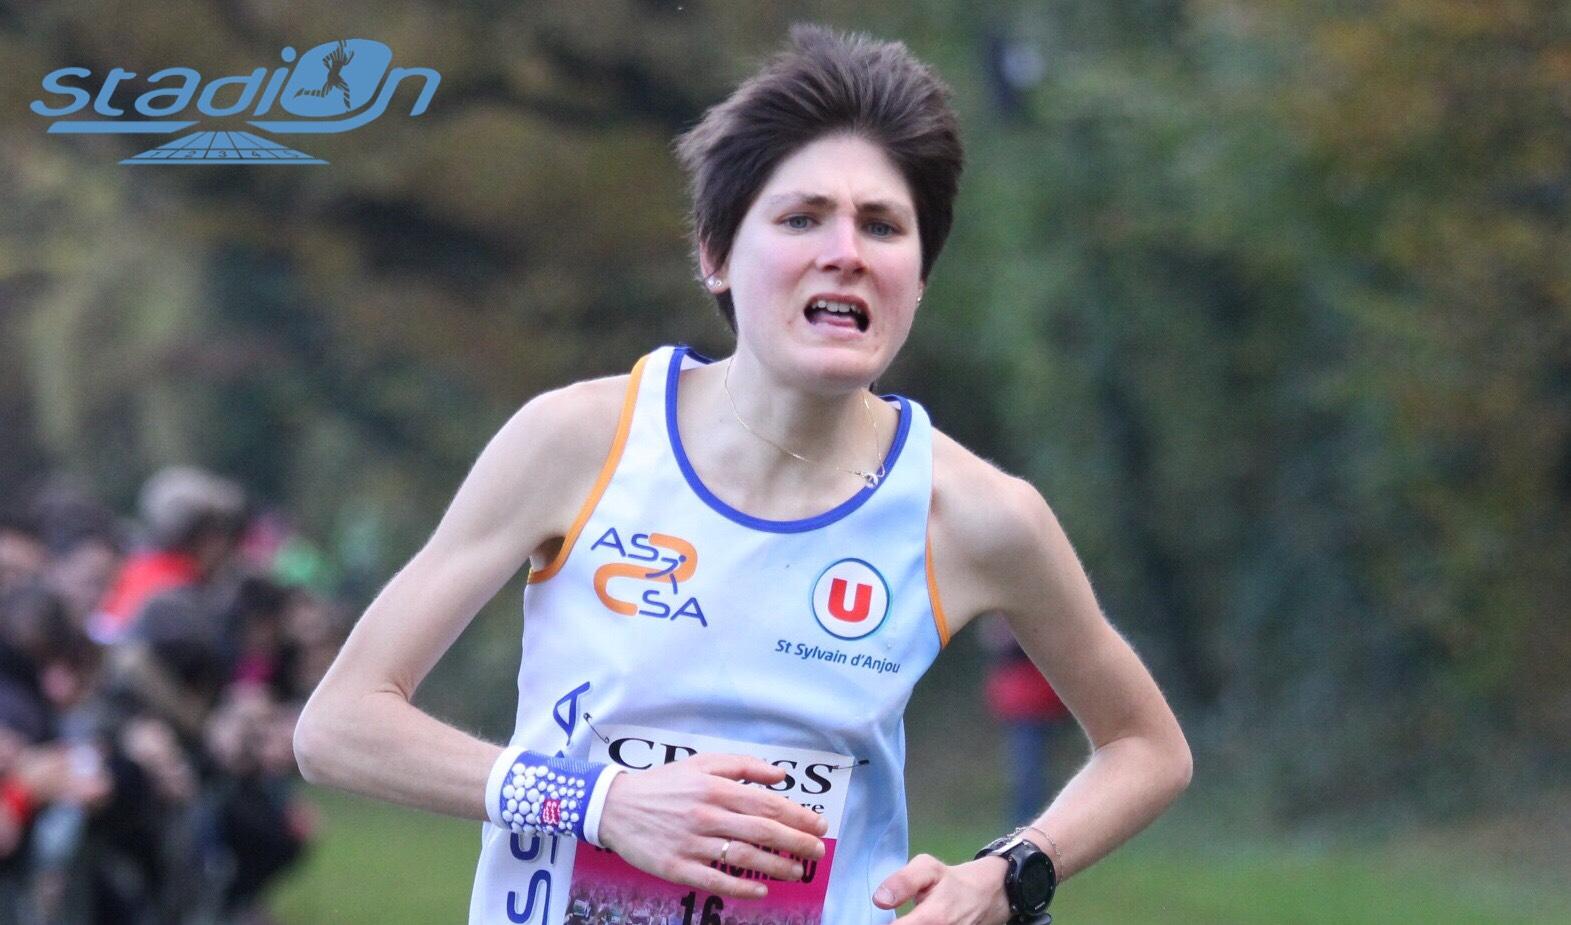 Championnats de France de Cross FFSU : Perrine Rosala-Humeau et Yann Schrub sacrés